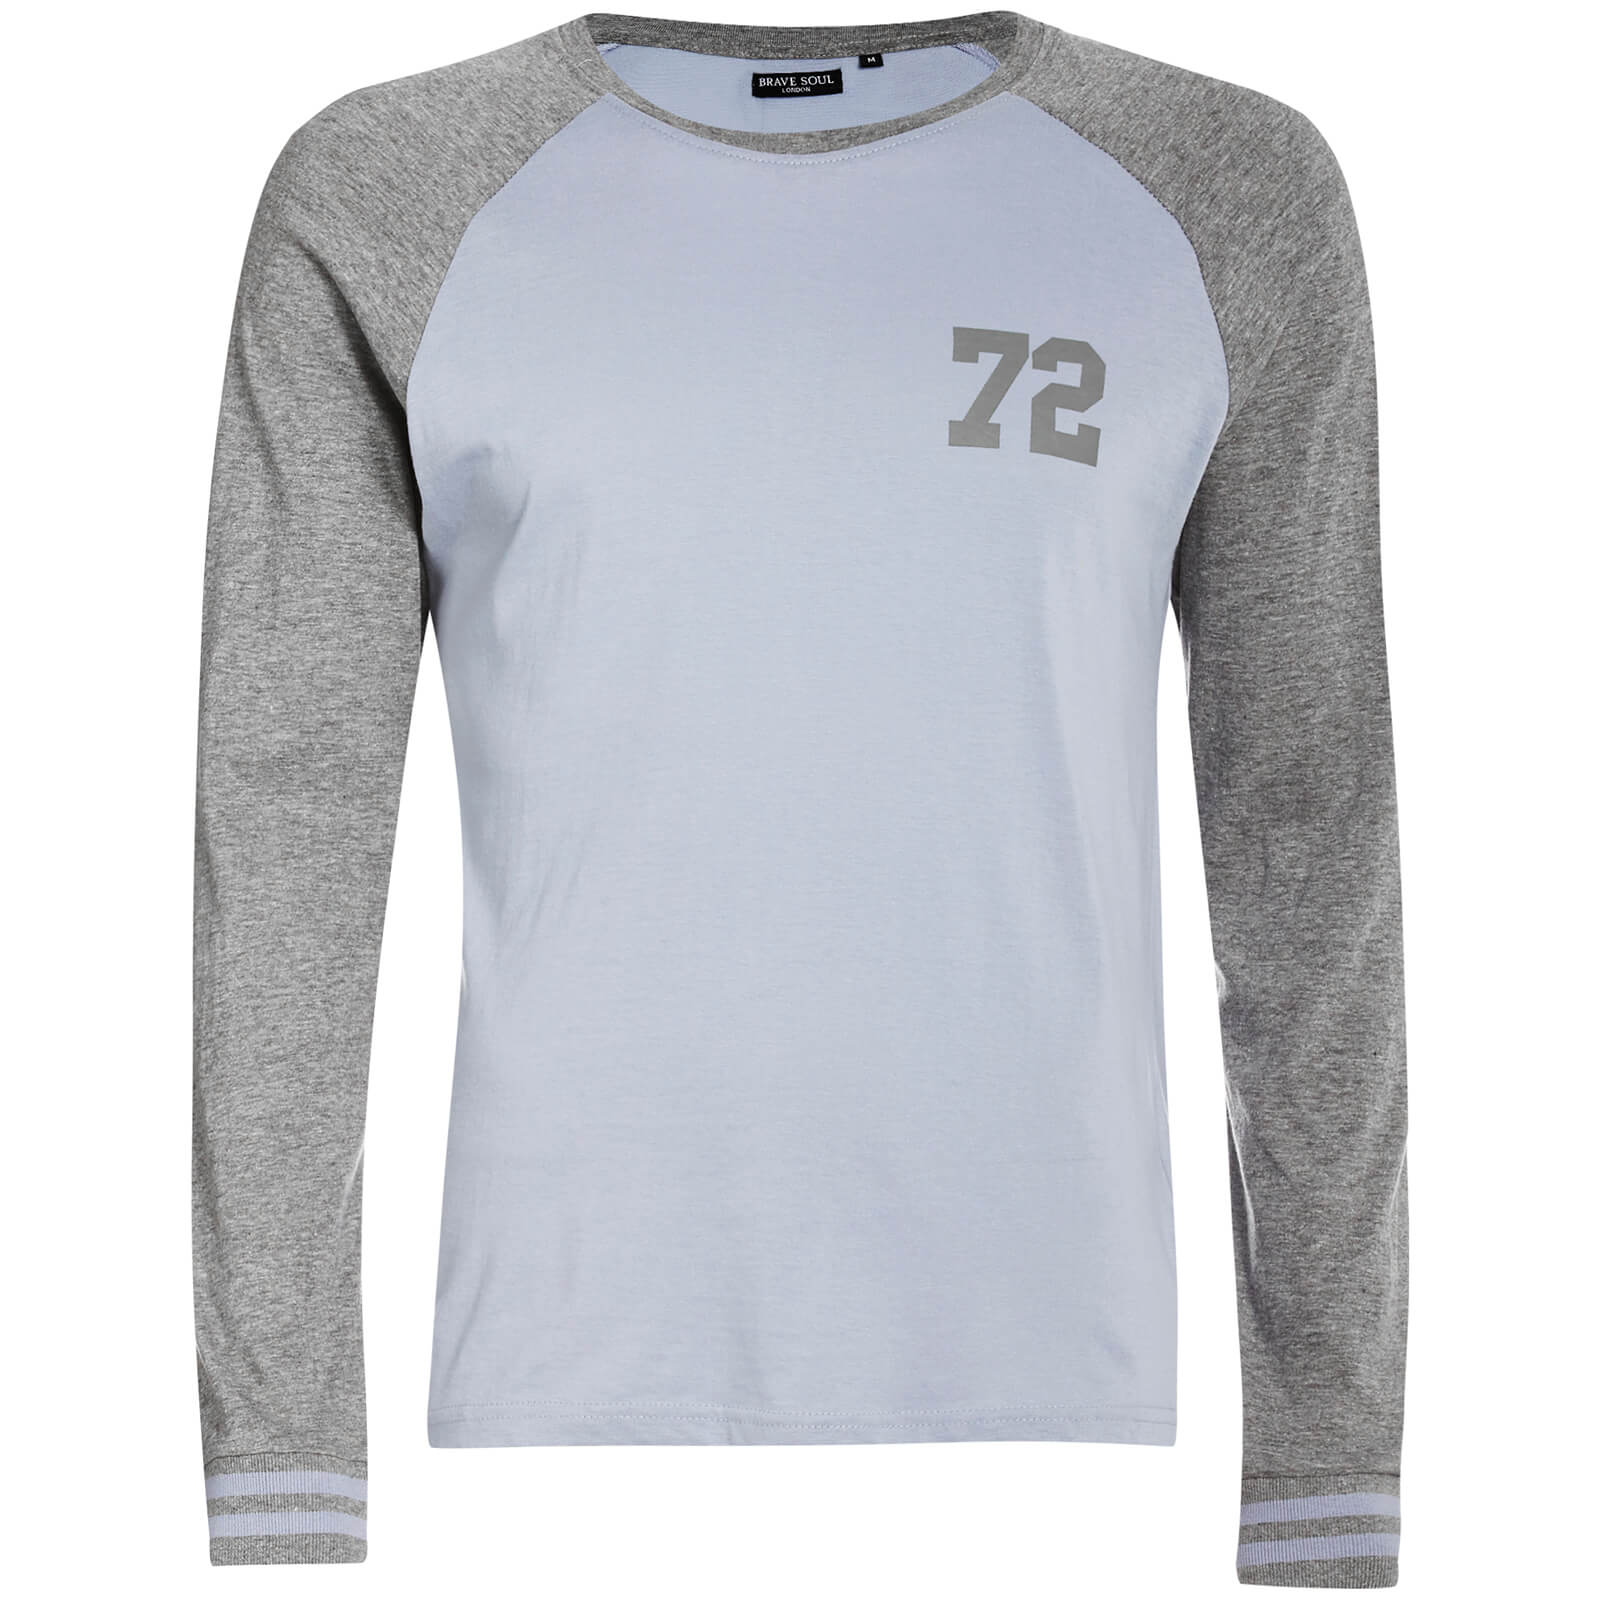 daaeecef88c5 Brave Soul Men's Granite Long Sleeve Top - Blue/Grey Mens Clothing ...